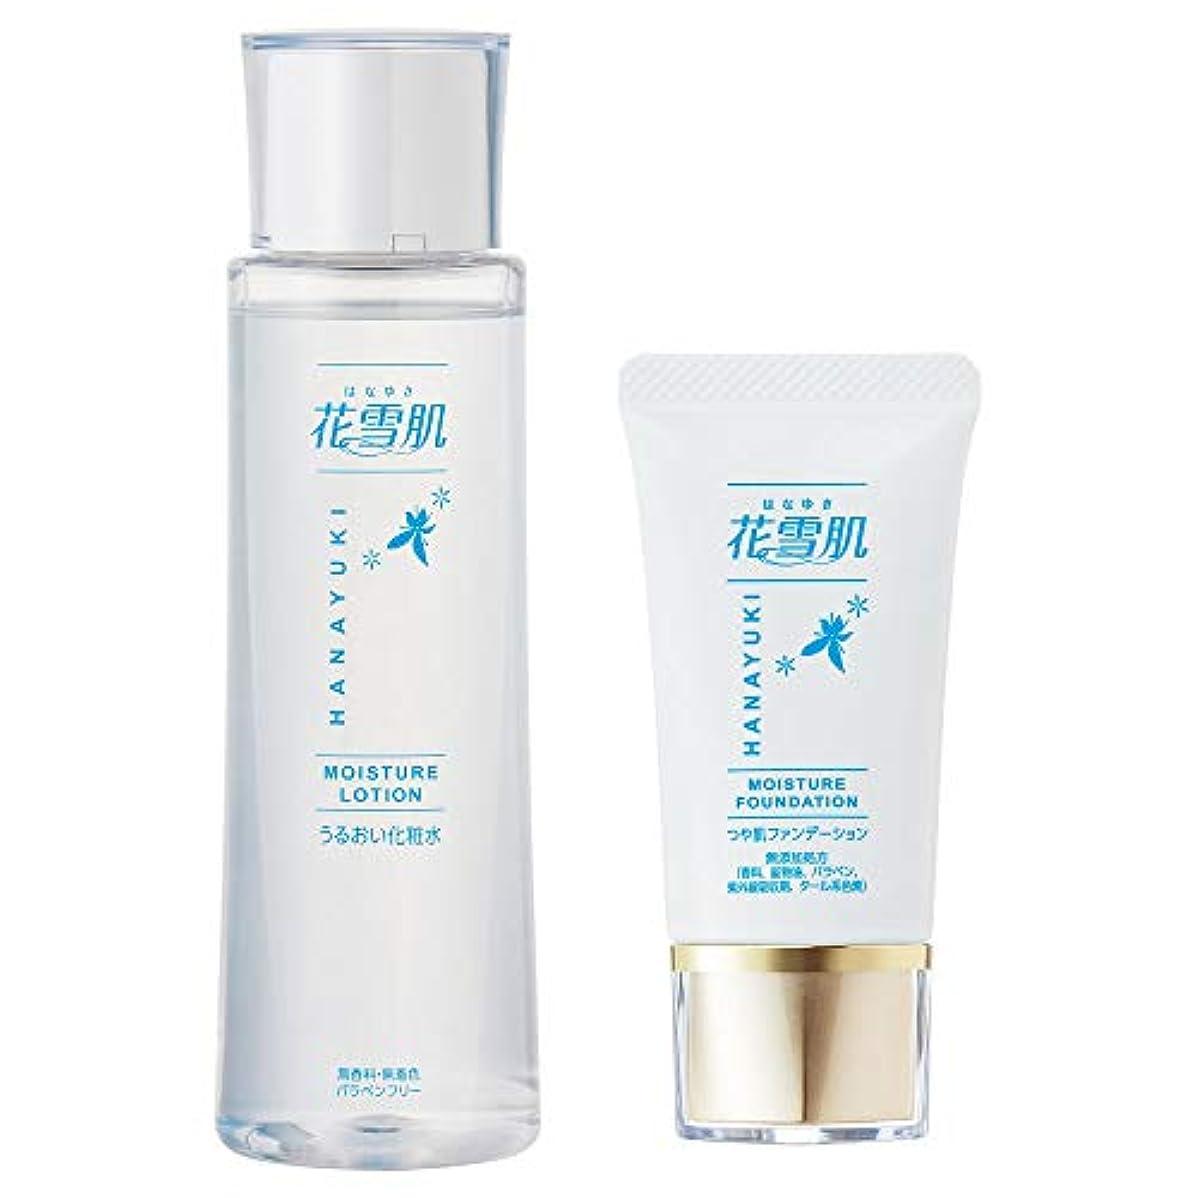 バングタイマー効率的花雪肌 [うるおい化粧水 200ml + つや肌ファンデーション 25gセット] 10種類の美容液成分を配合 オールインワン ヒアルロン酸 コラーゲン